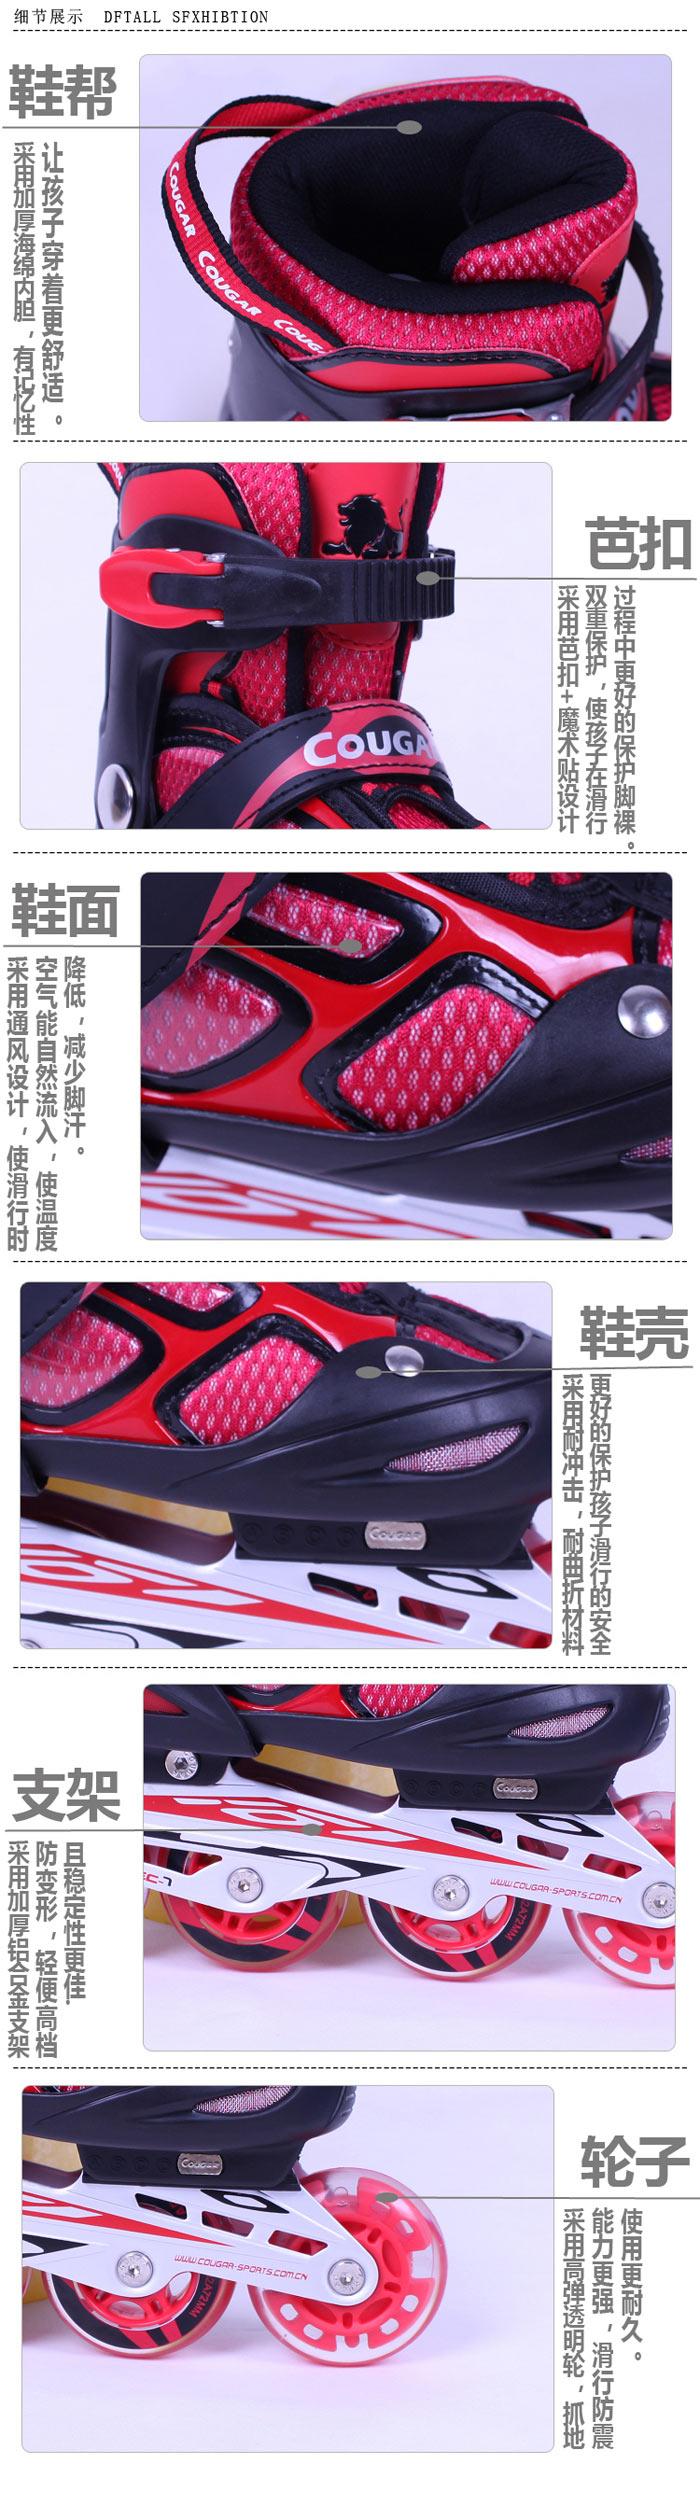 美洲狮MS835LSG直排轮溜冰鞋儿童可调轮滑鞋套装旱冰鞋带闪光9